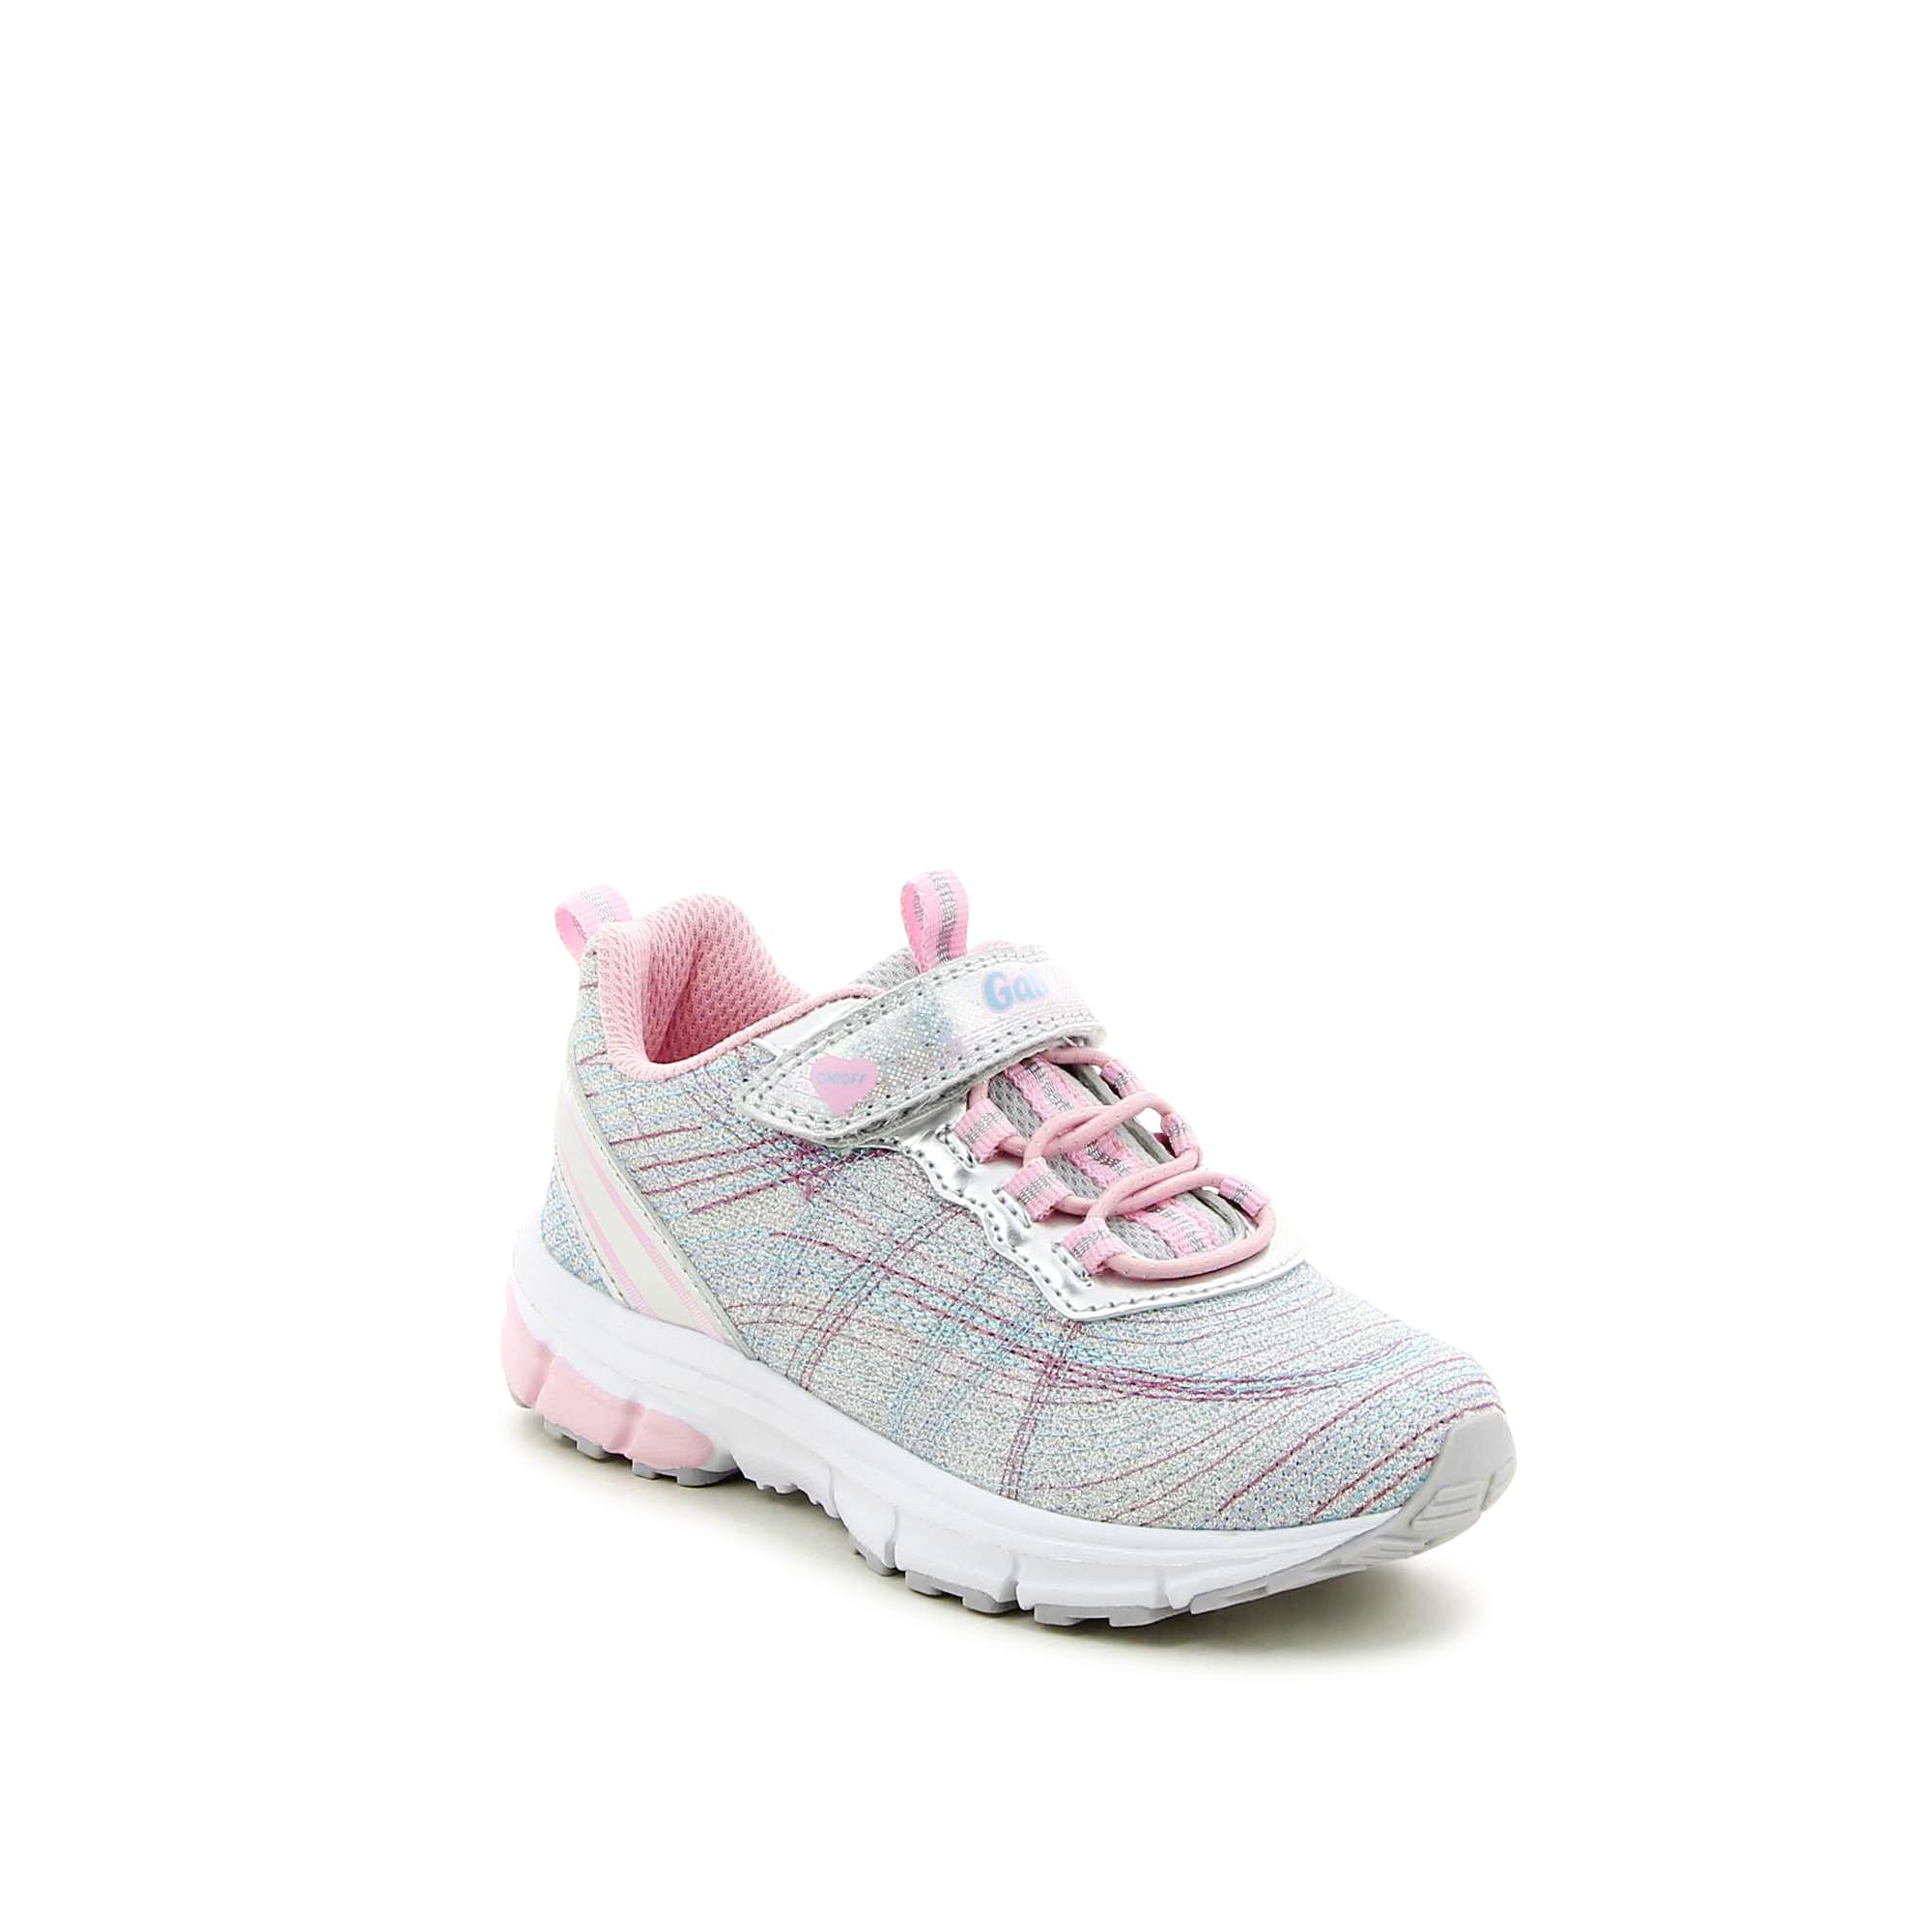 נעלי ספורט עם תיפורים צבעוניים